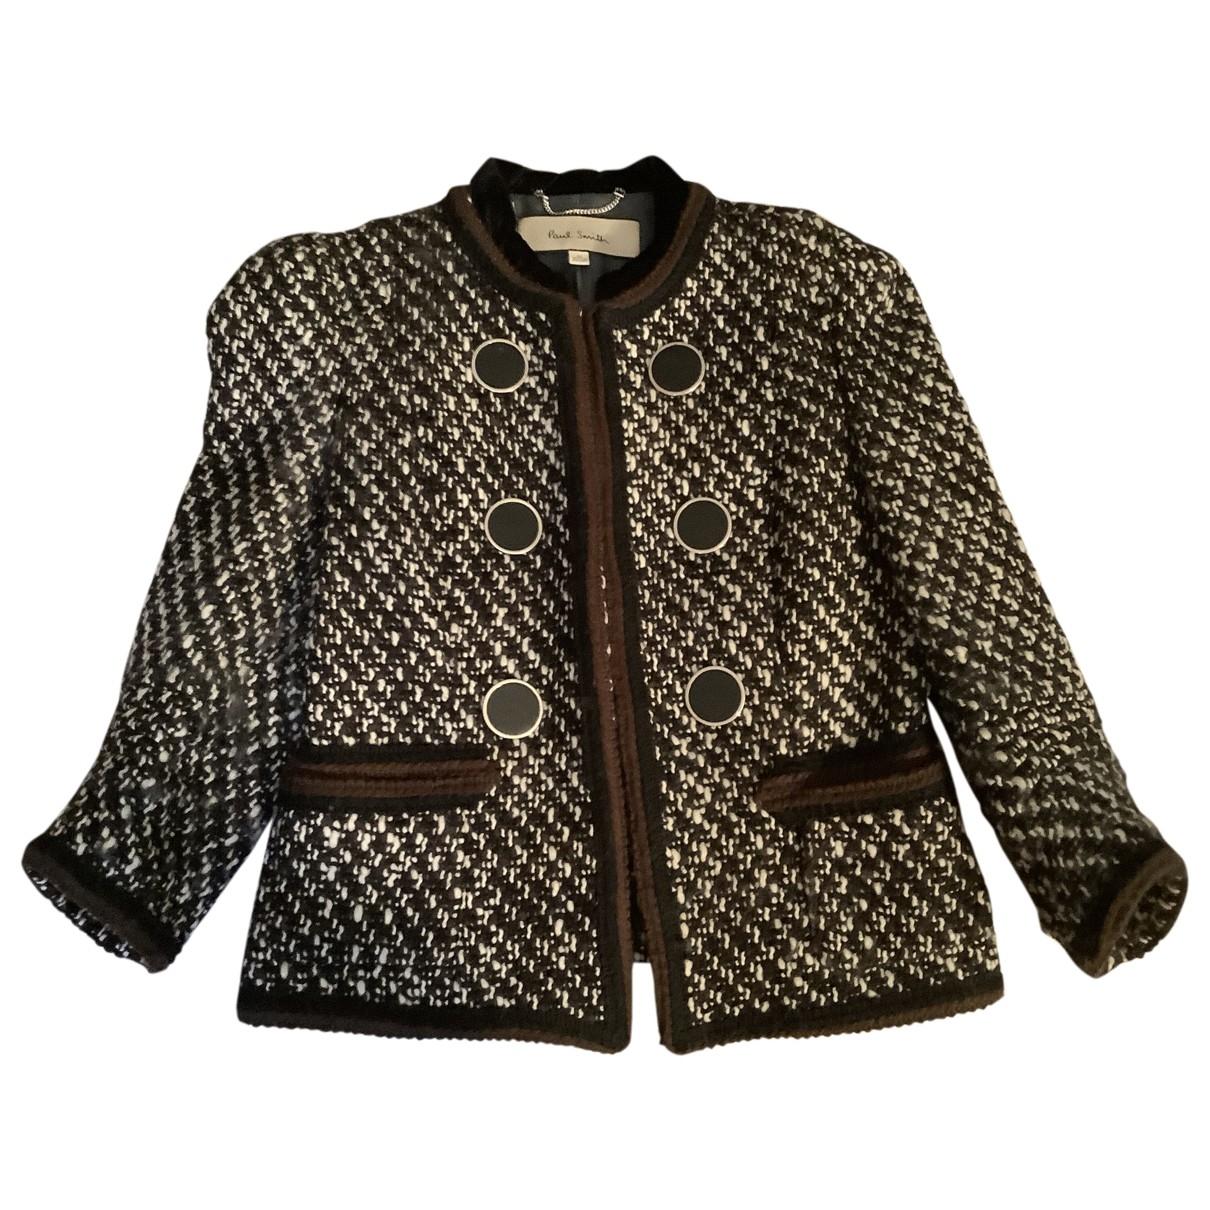 Paul Smith - Veste   pour femme en laine - multicolore